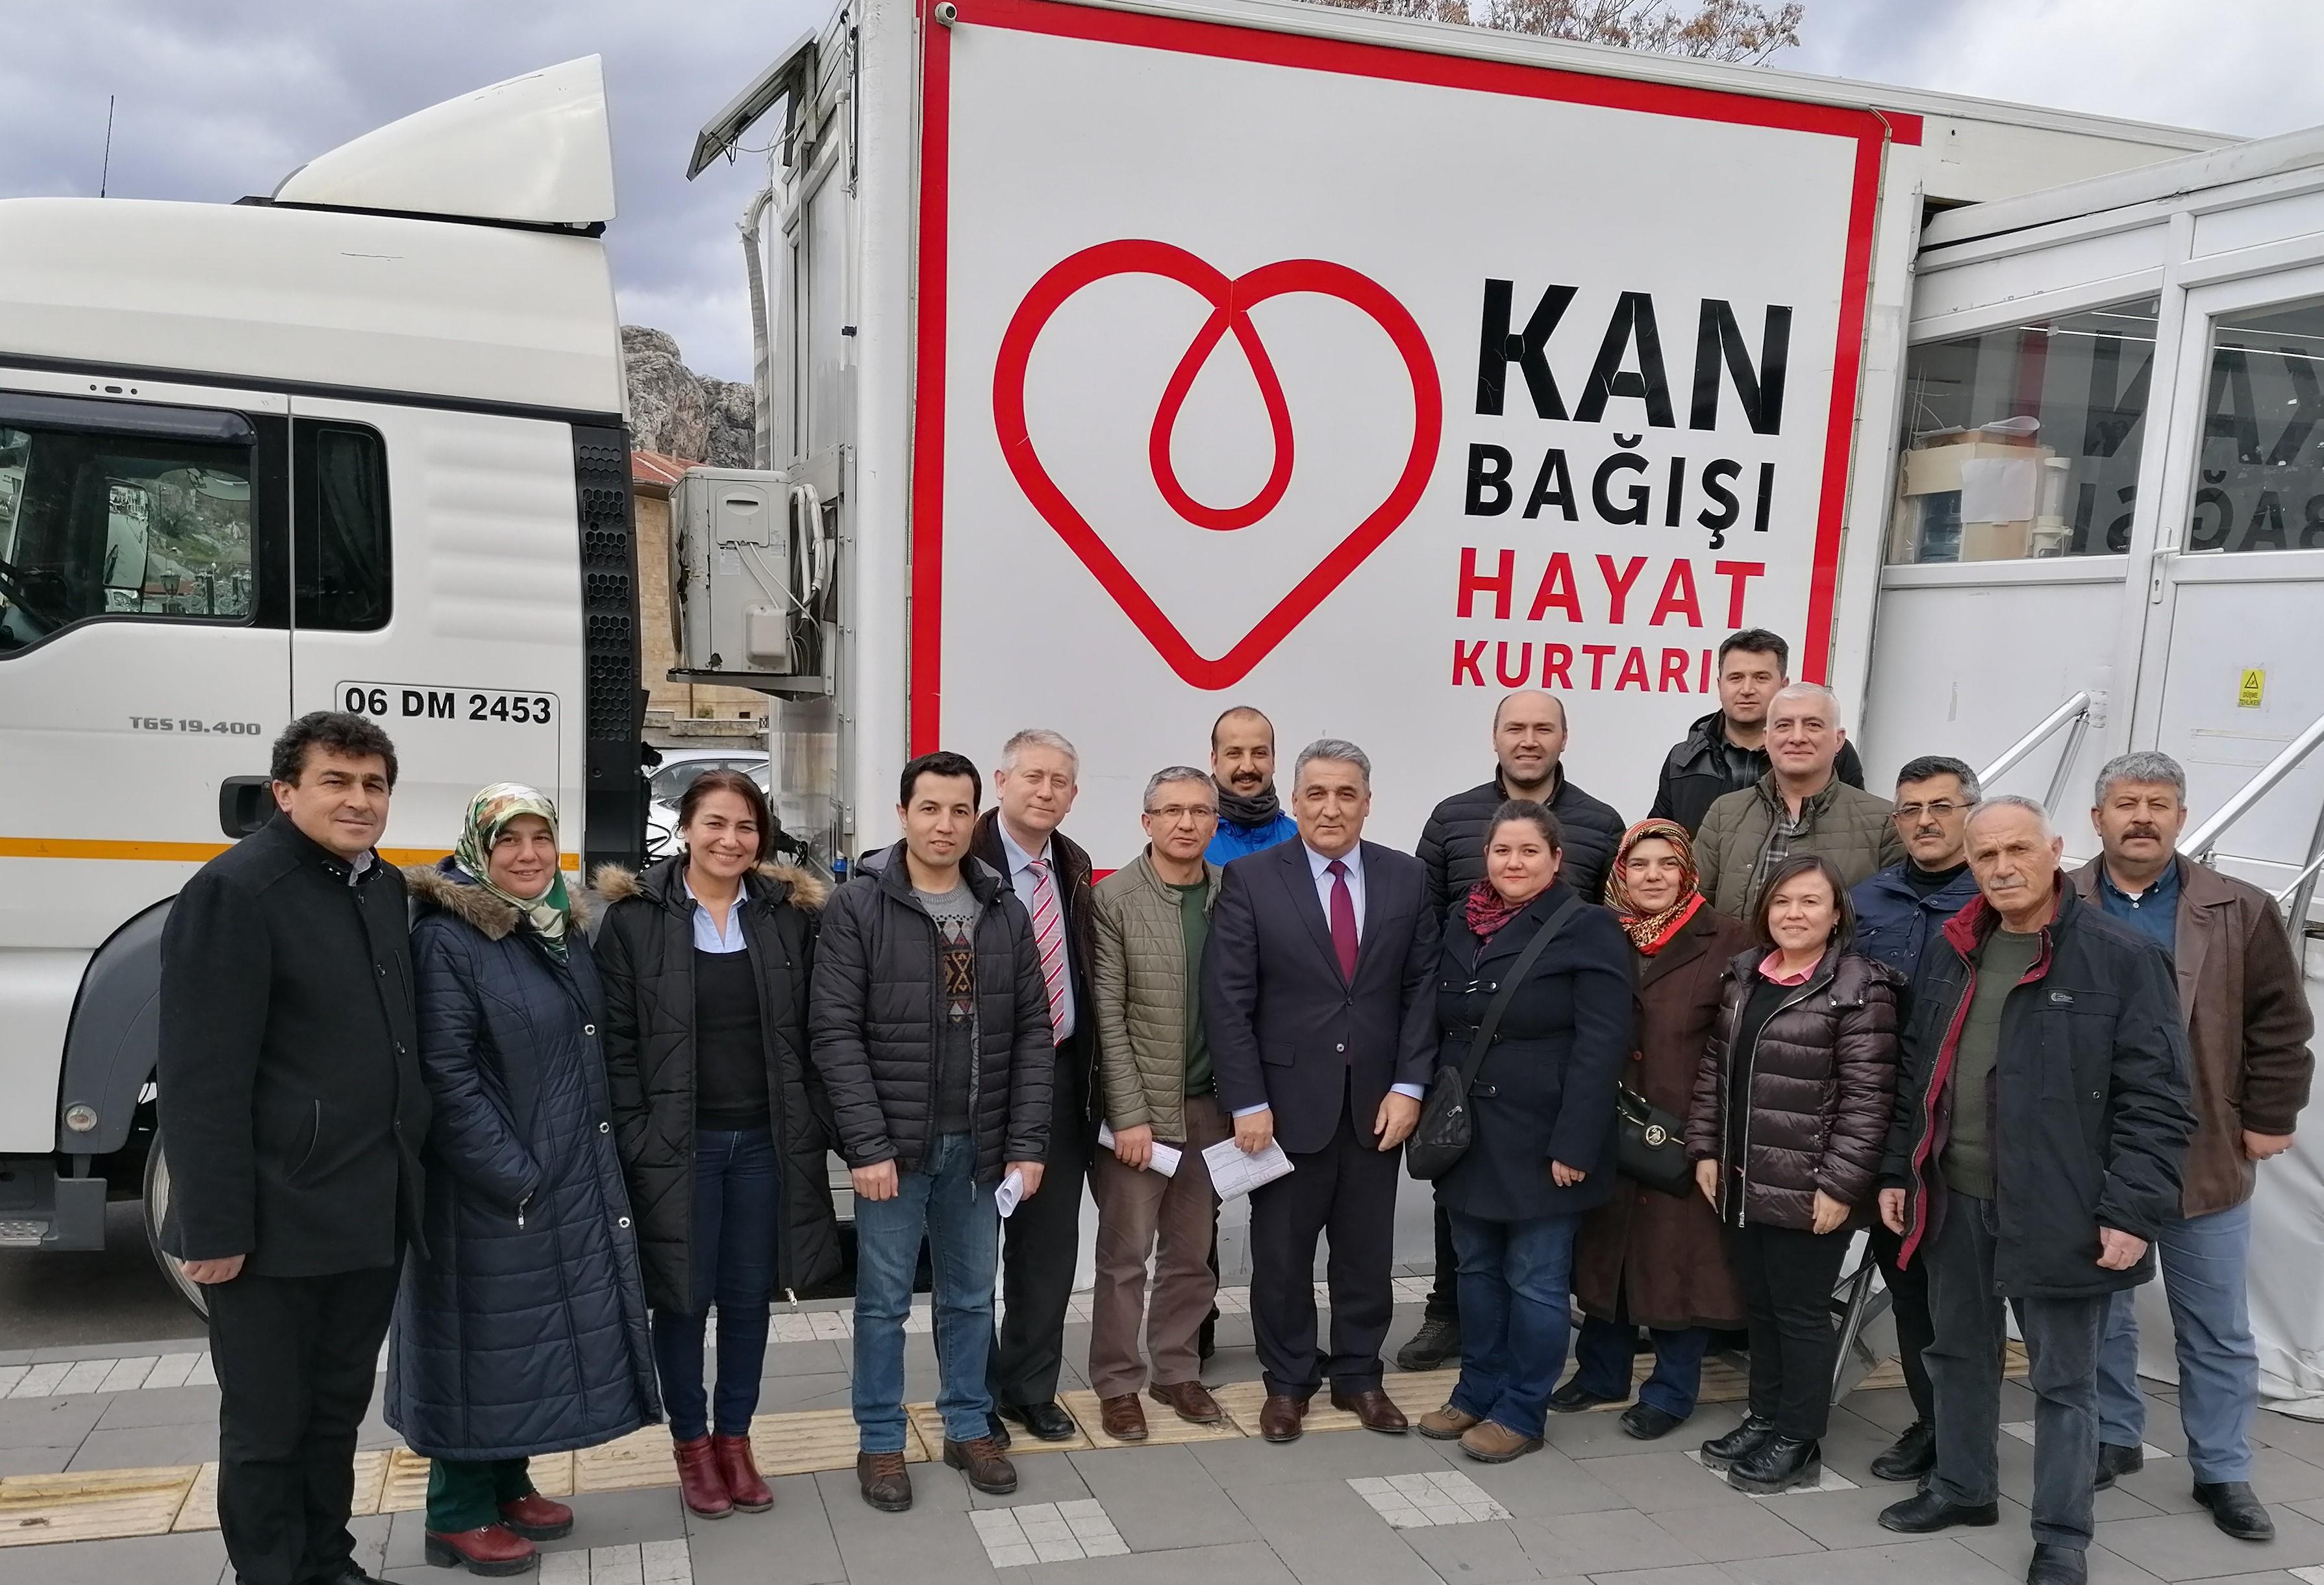 İl Müdürlüğümüzden Türk Kızılay' a Kan Bağışı